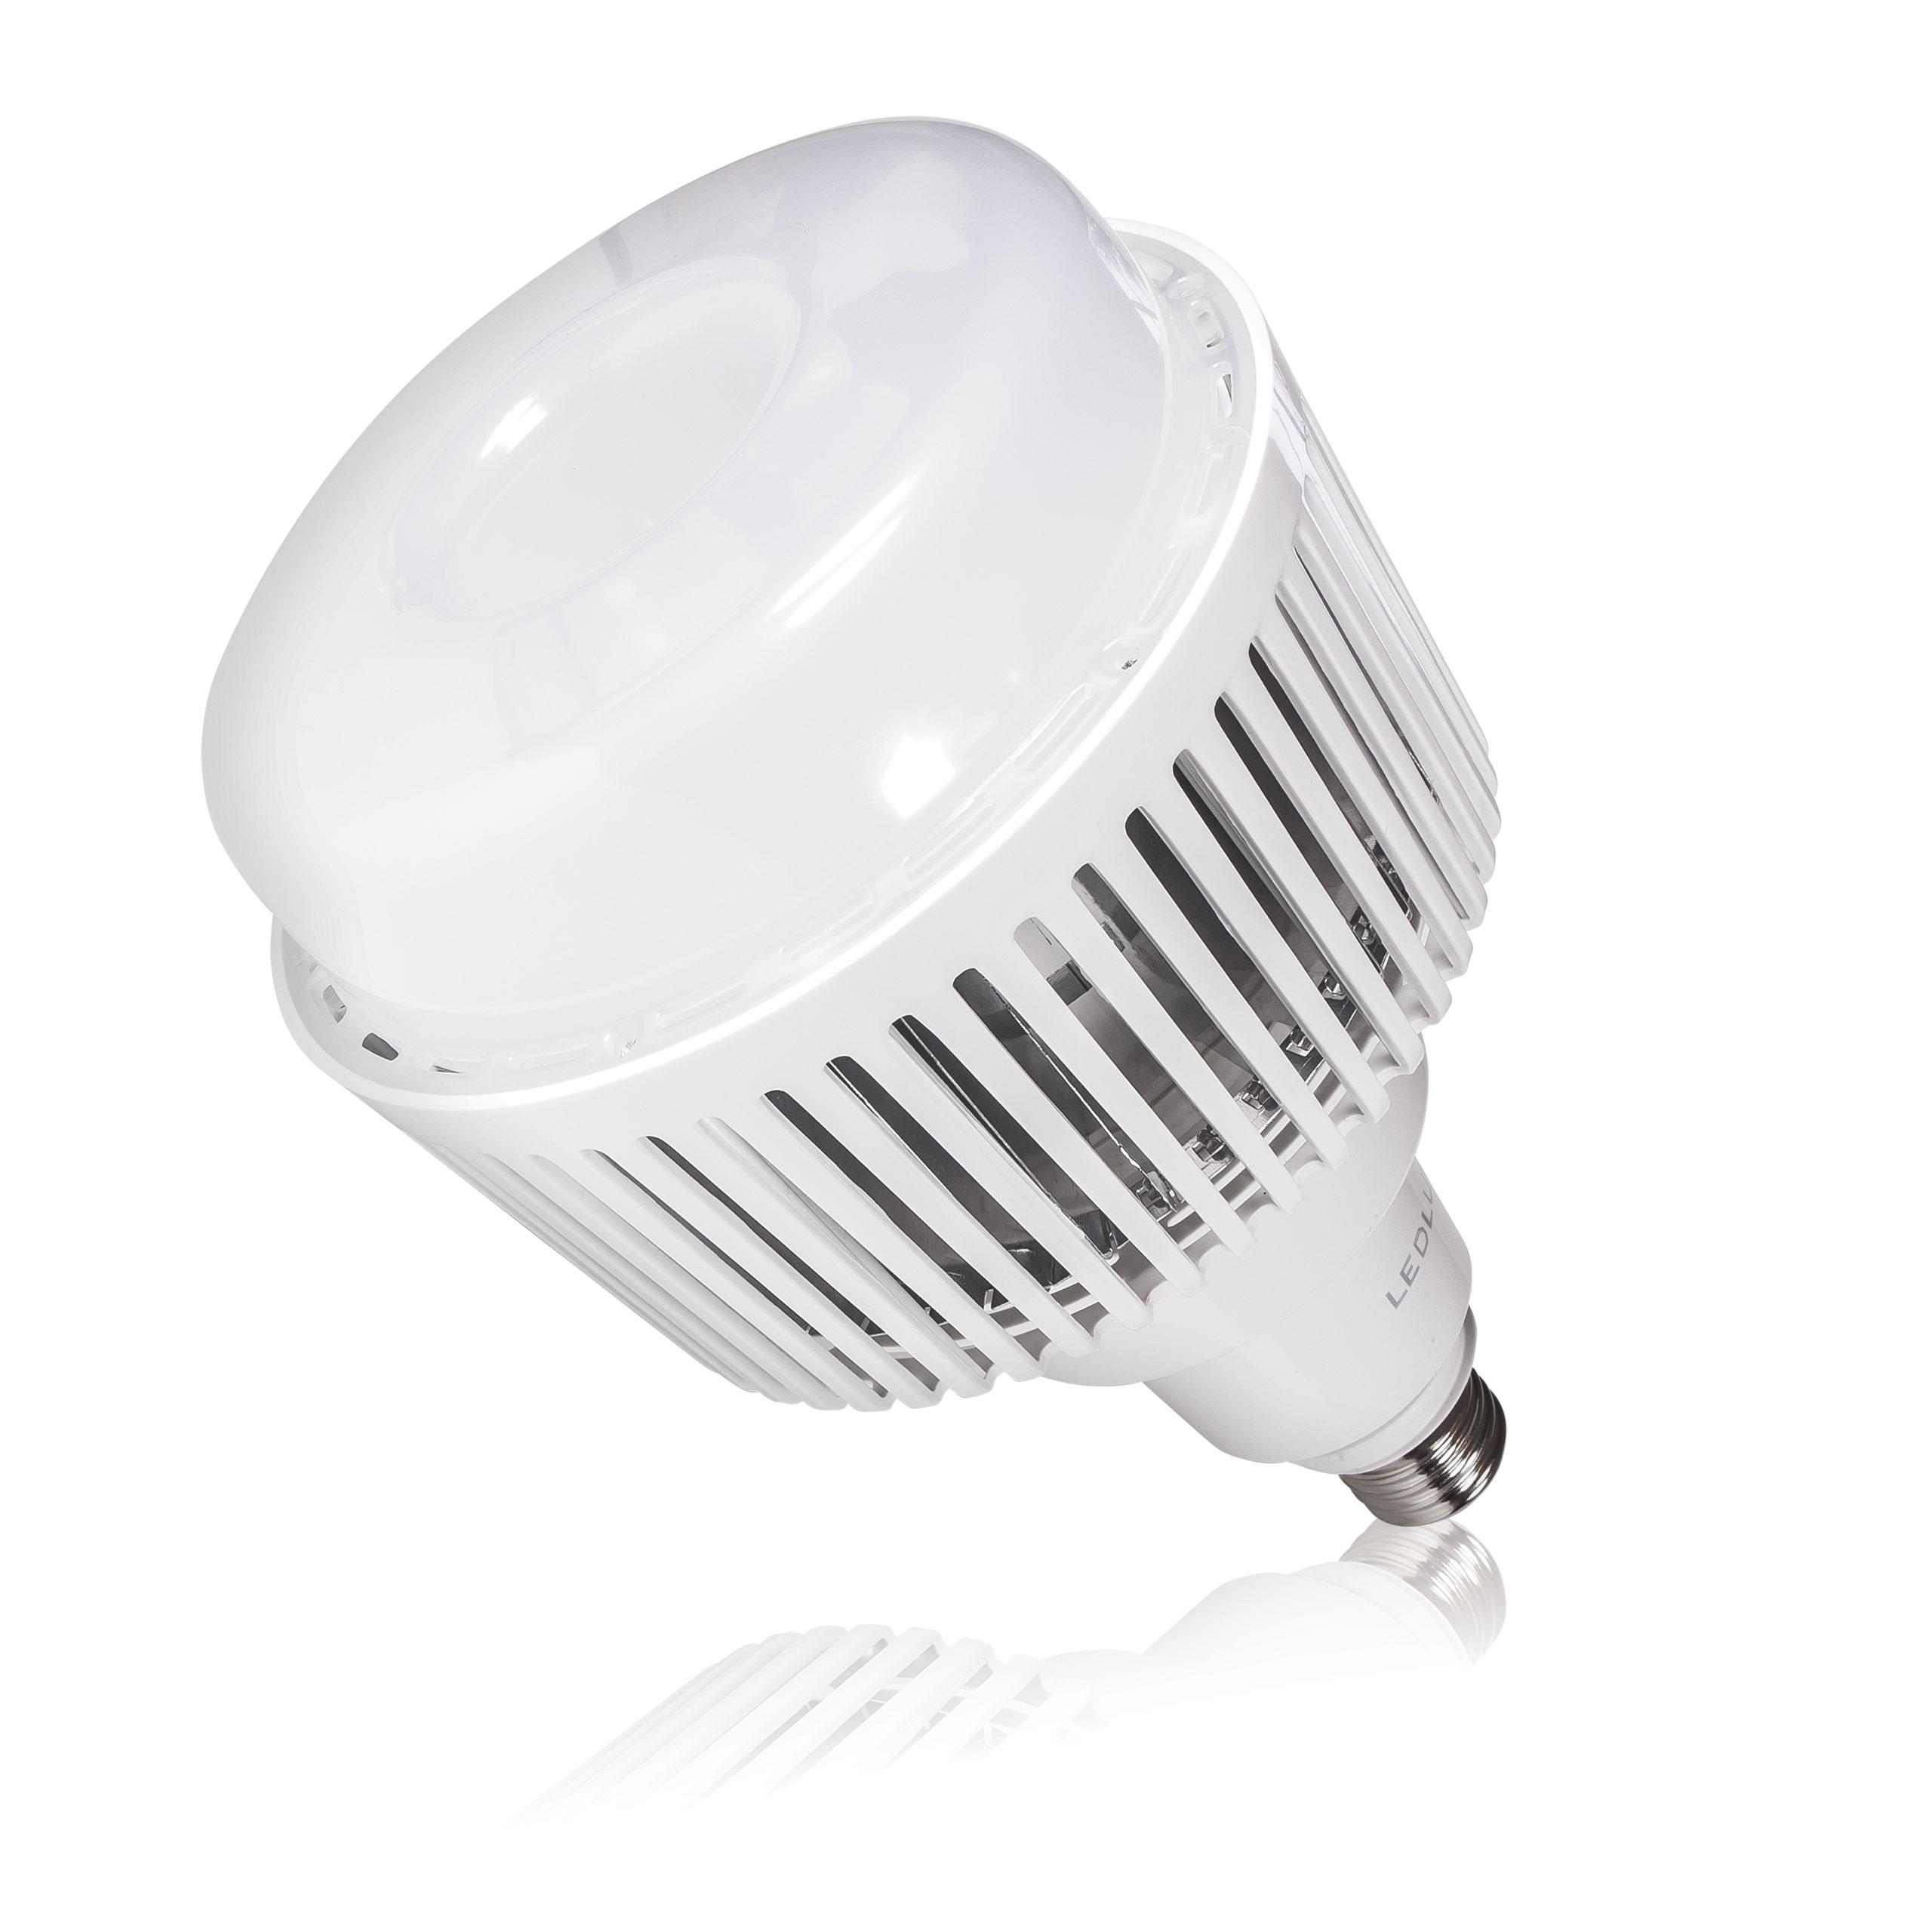 lampy led okrągłe domowe wydajność energji d